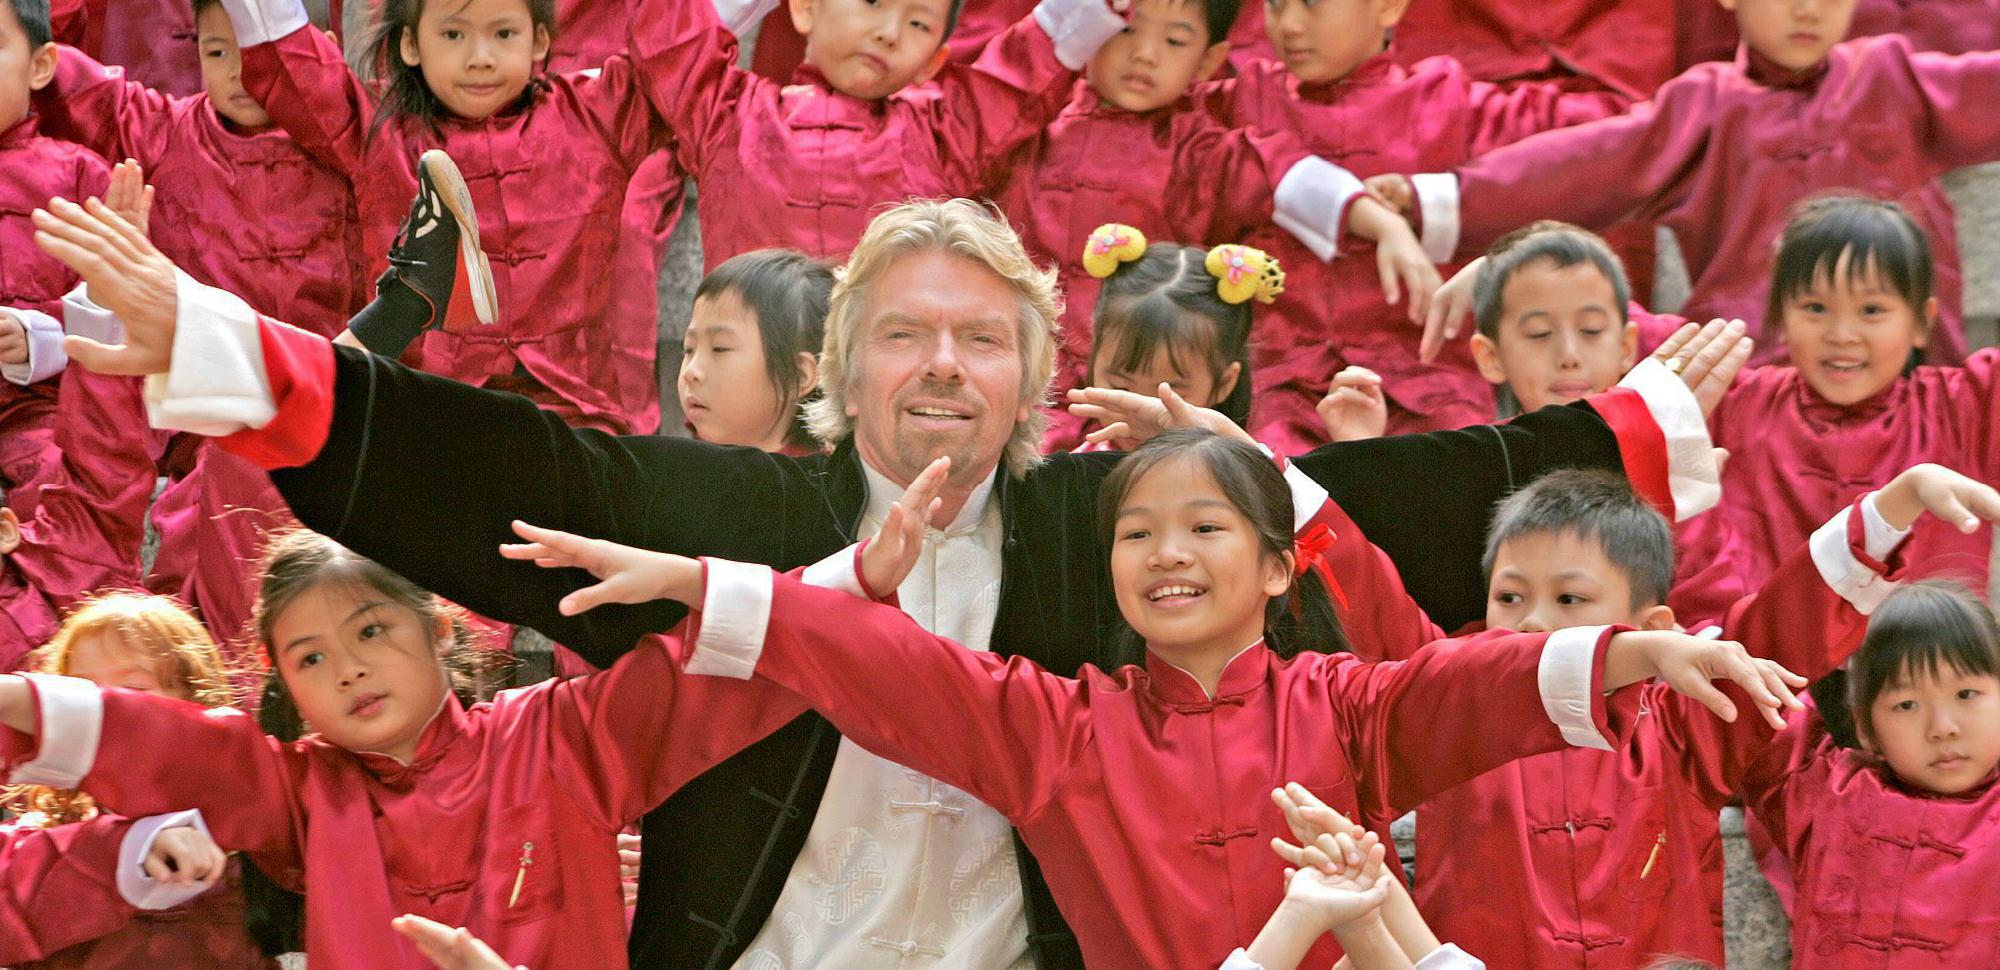 Richard Branson (fundador de Virgin), comienza el día con un paseo en bicicleta. EFE/EPA/PAUL HILTON